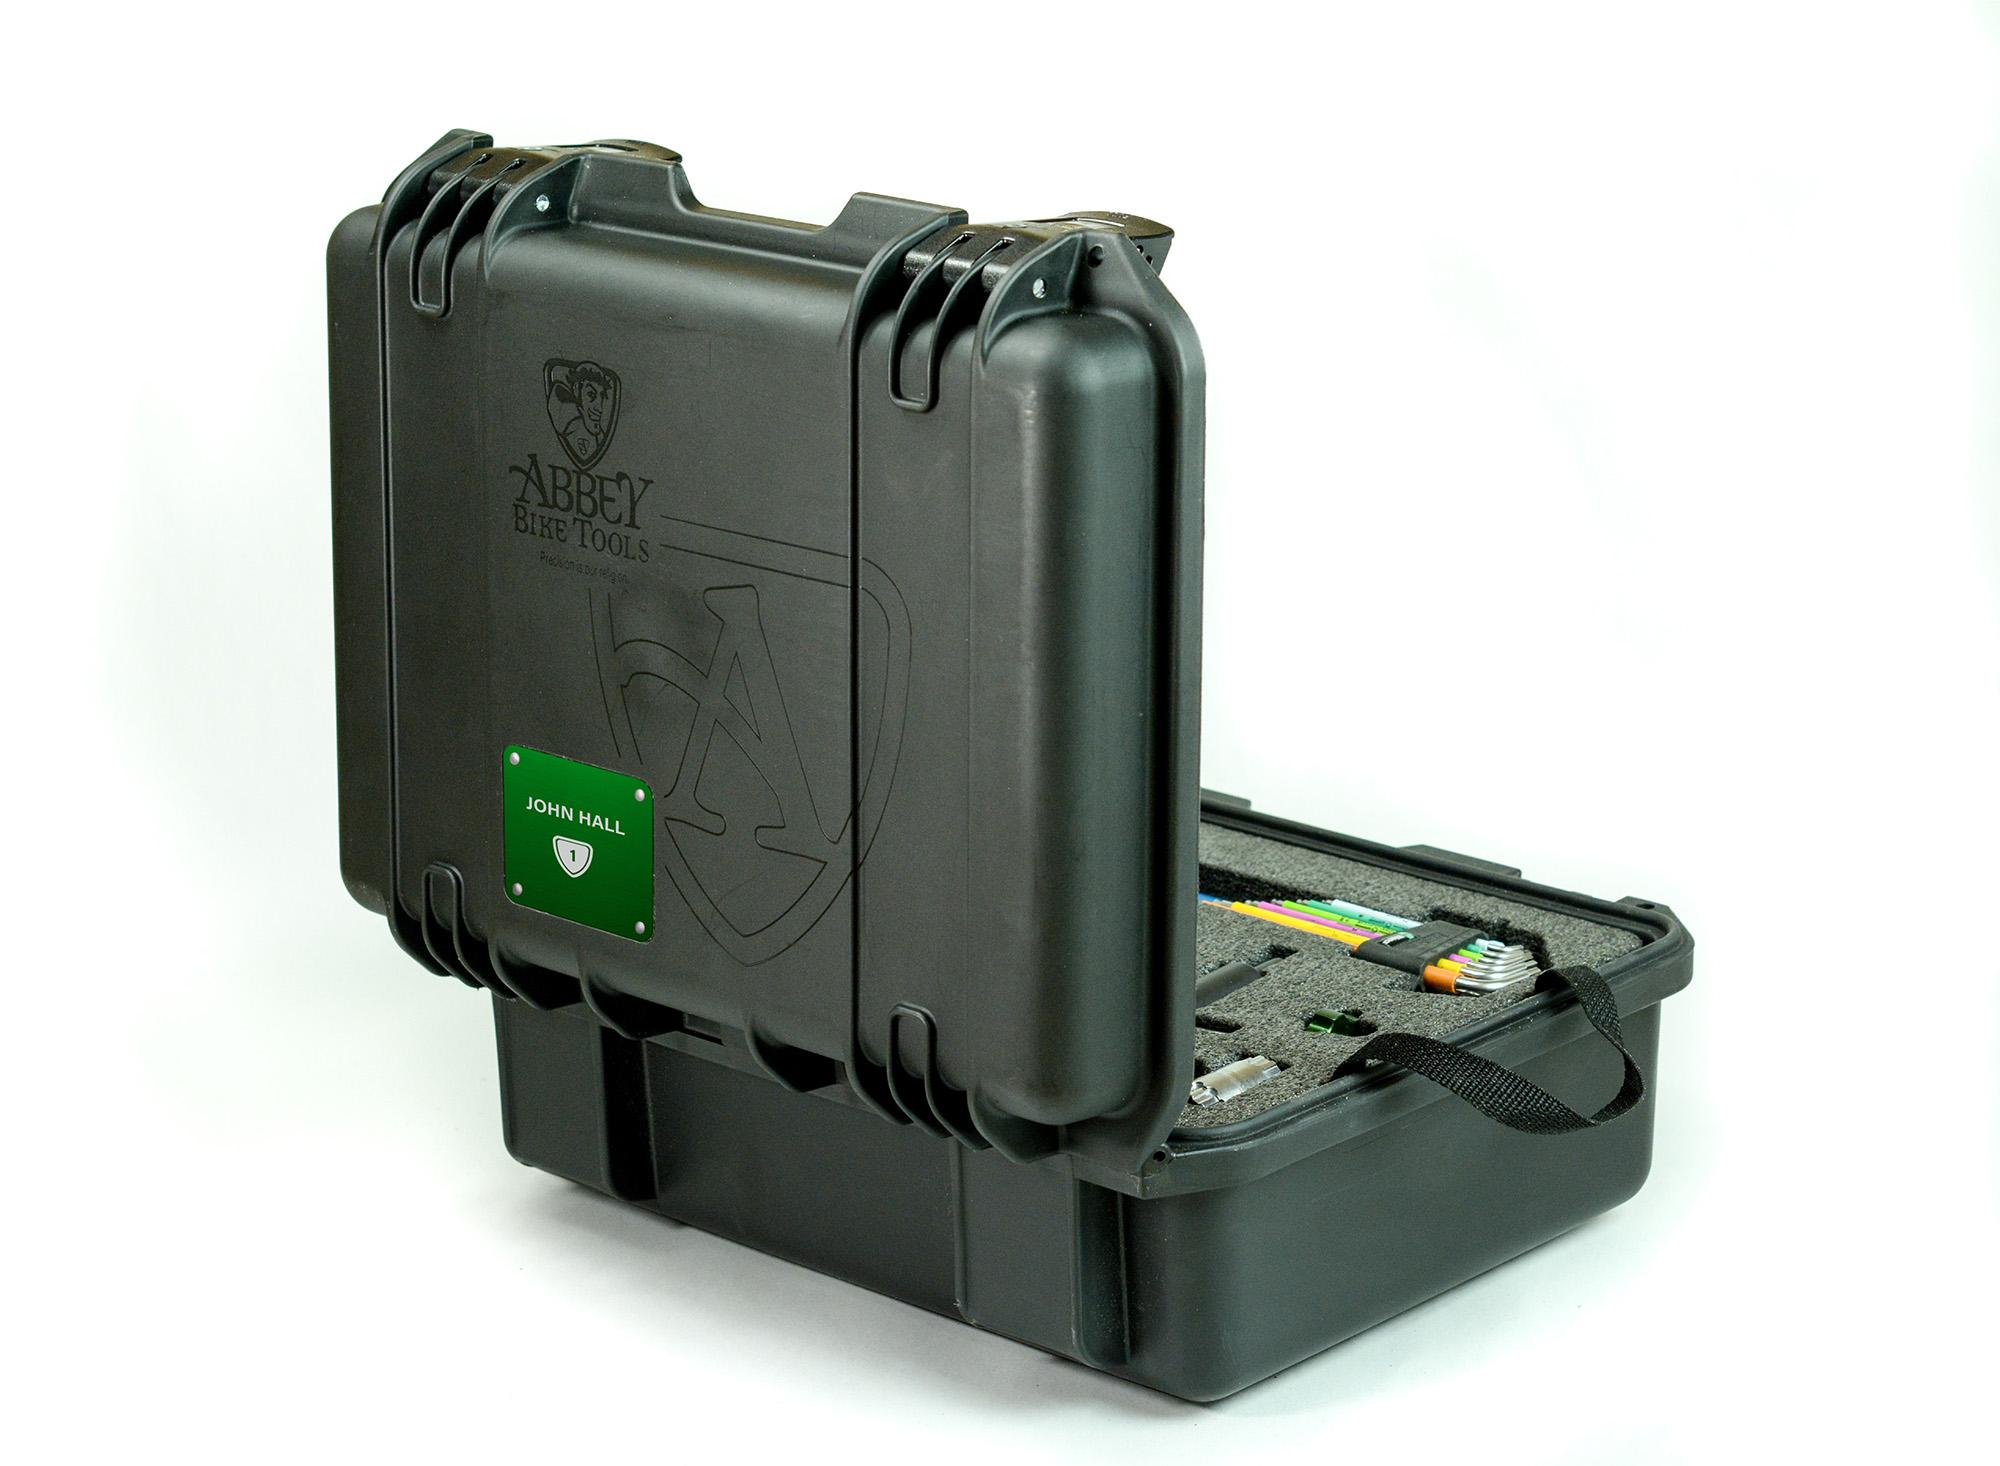 Tool-Kit-Lid-02-01.jpg?w=2000&quality=75